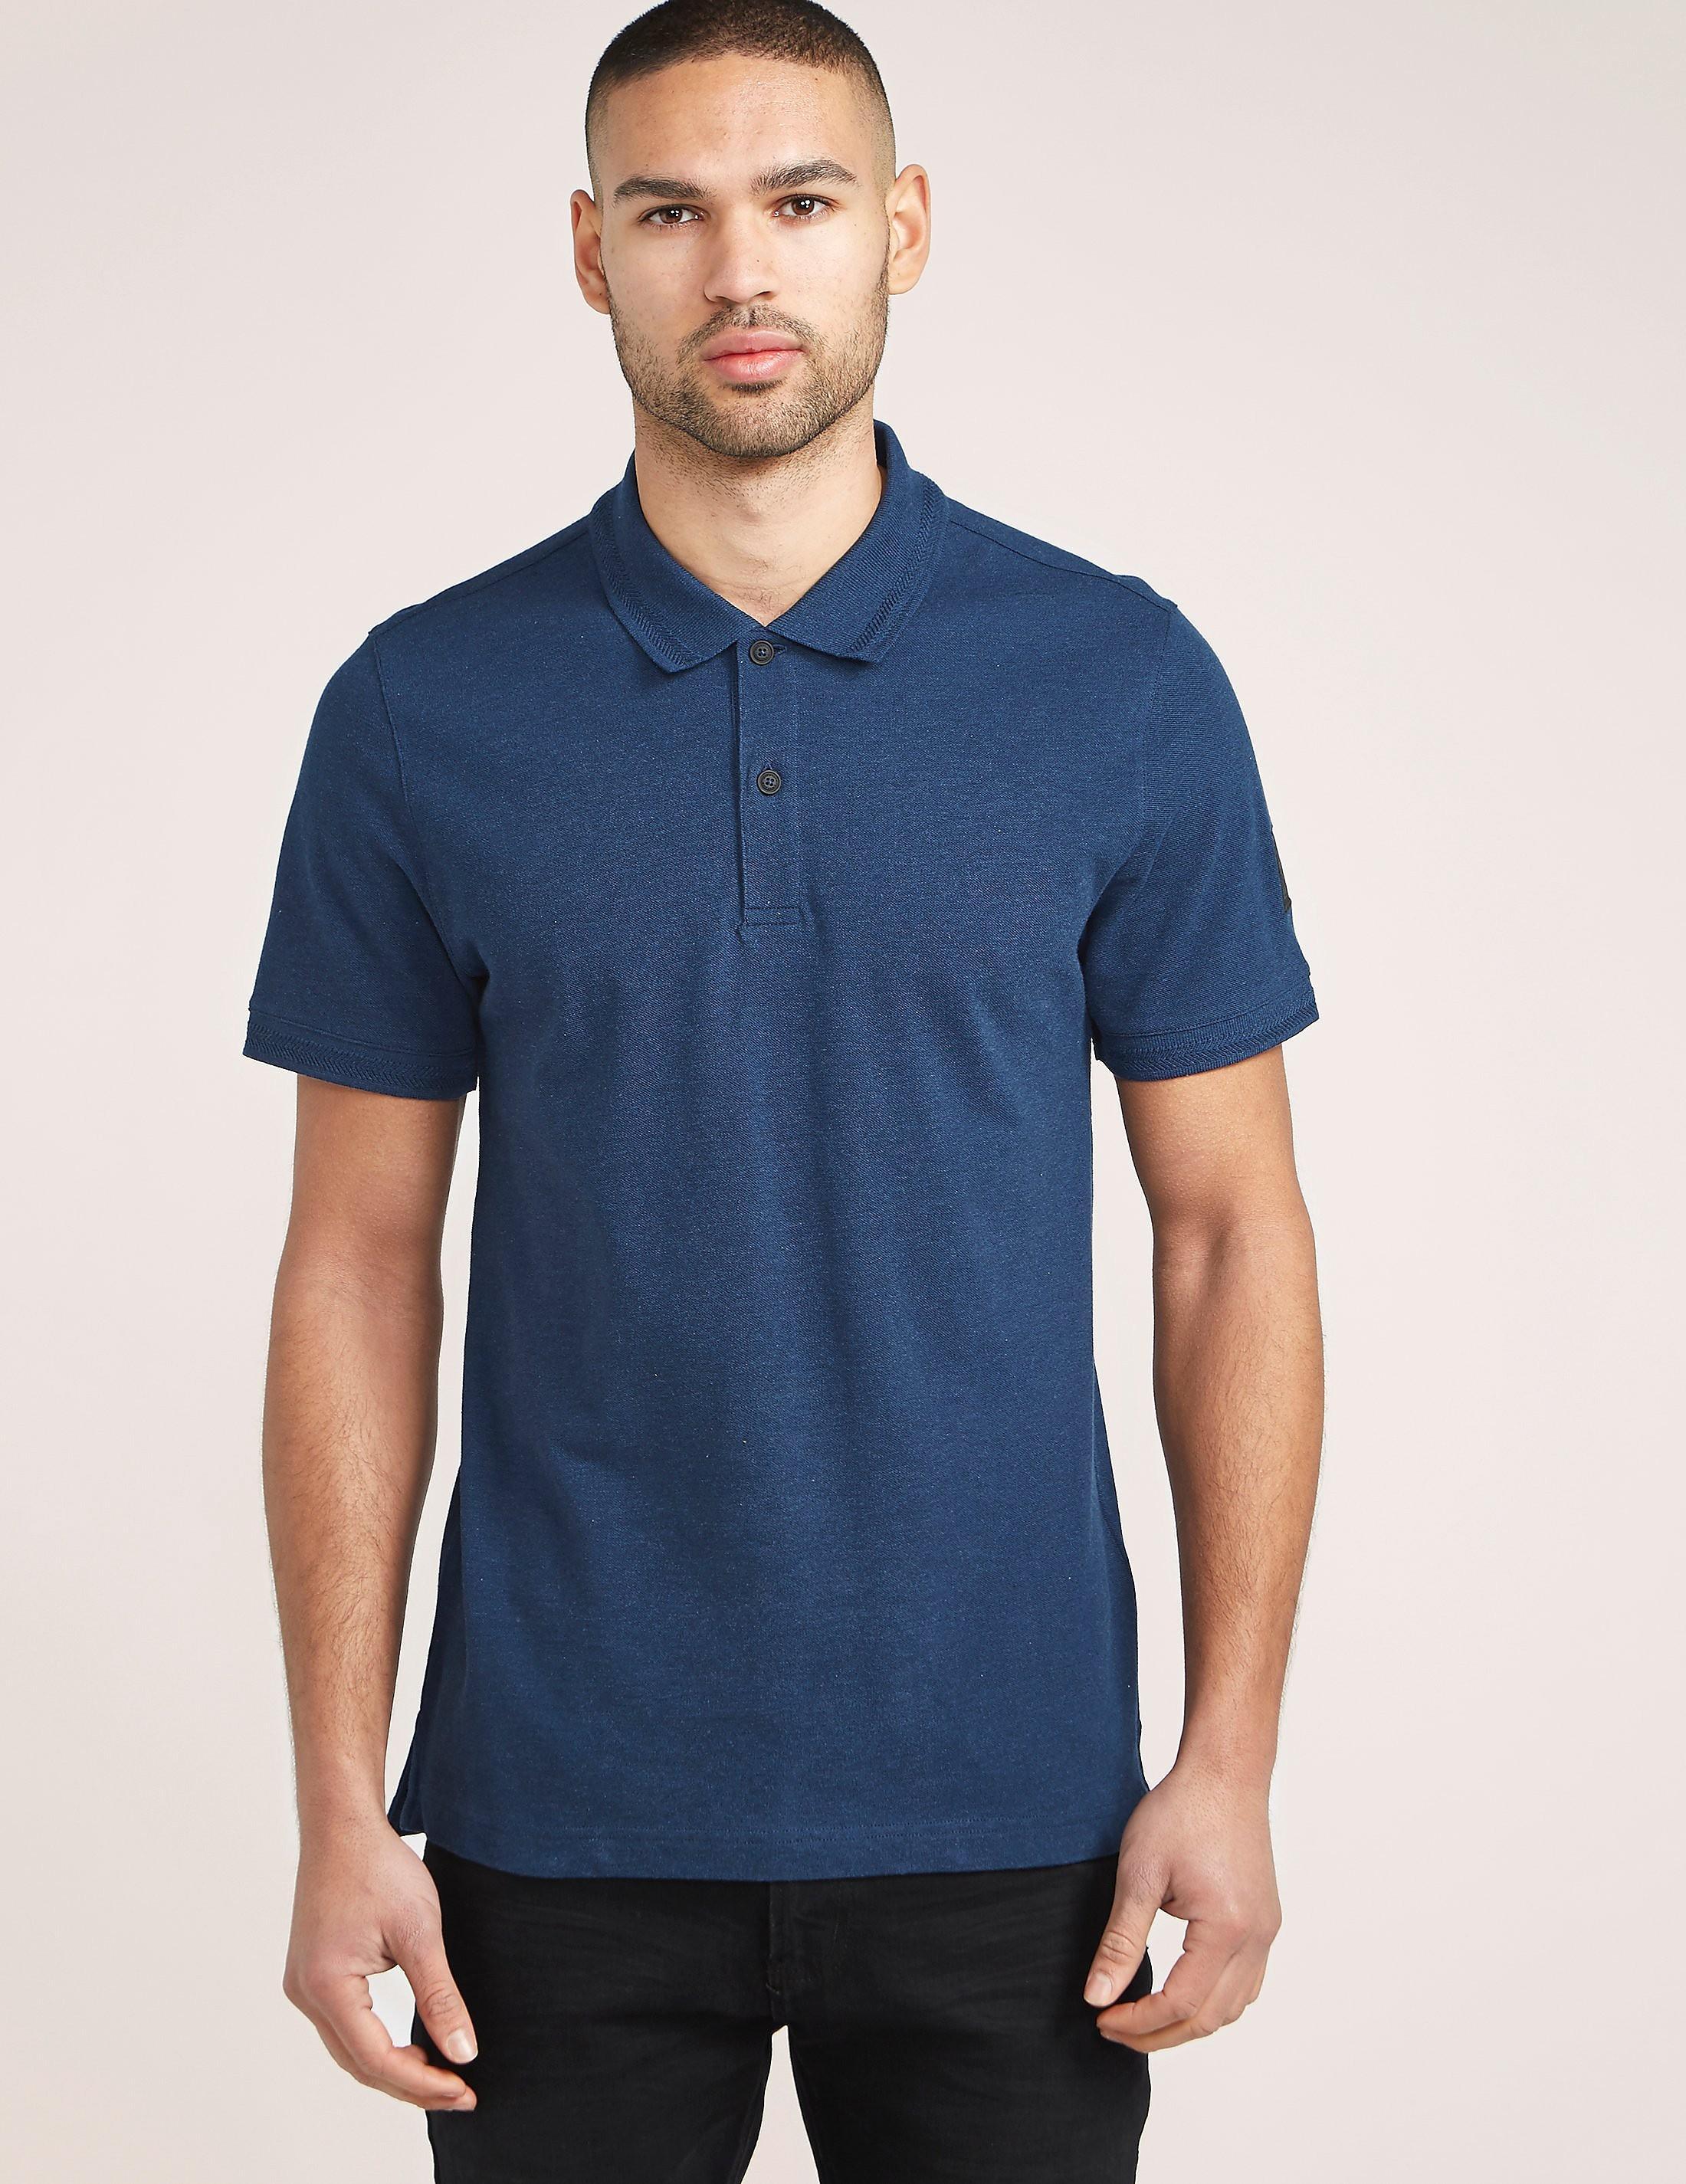 Belstaff Granard Pique Polo Shirt